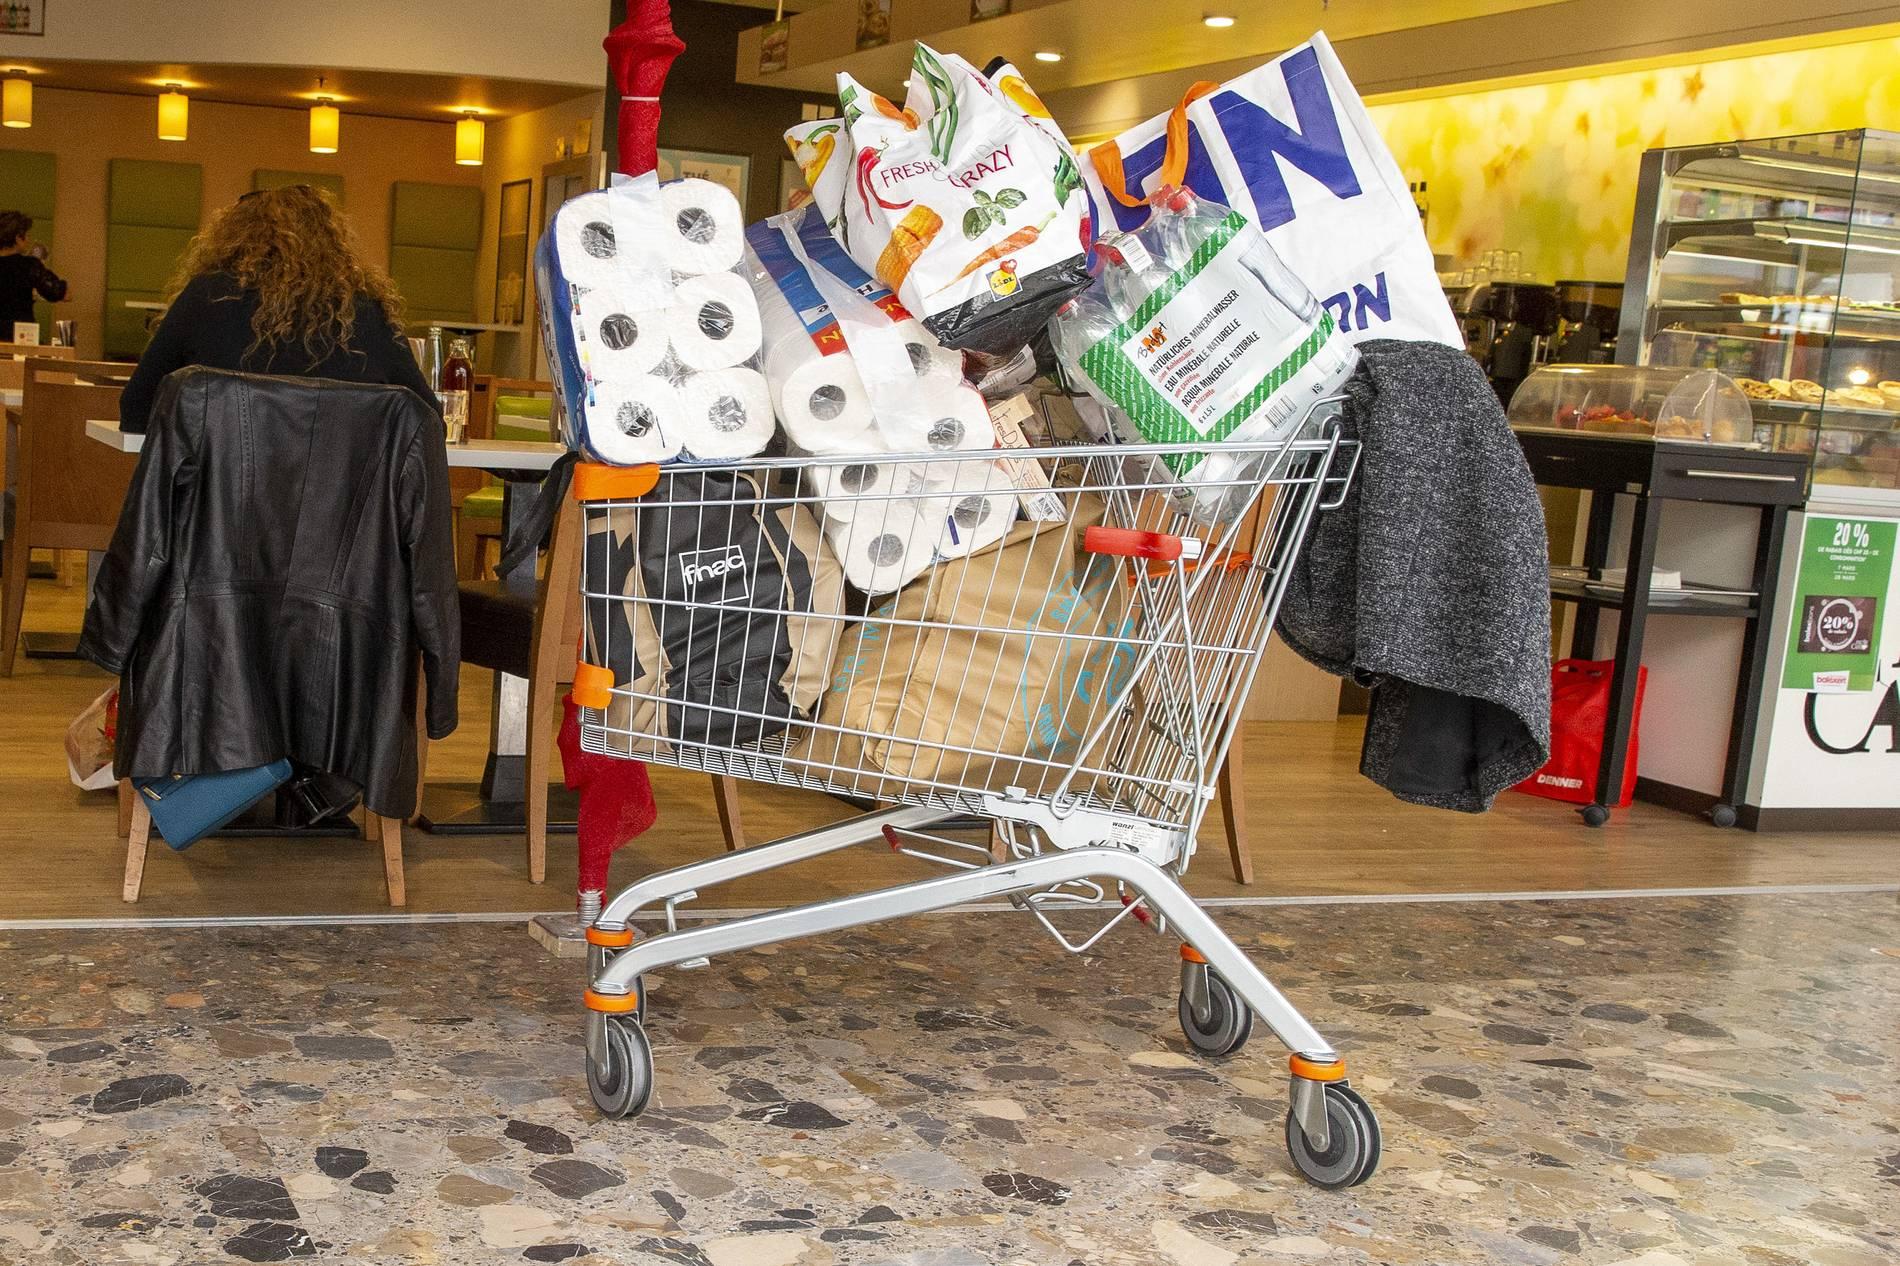 Corona Krise Warum Menschen Hamsterkaufe Machen Konsumforscher Im Interview